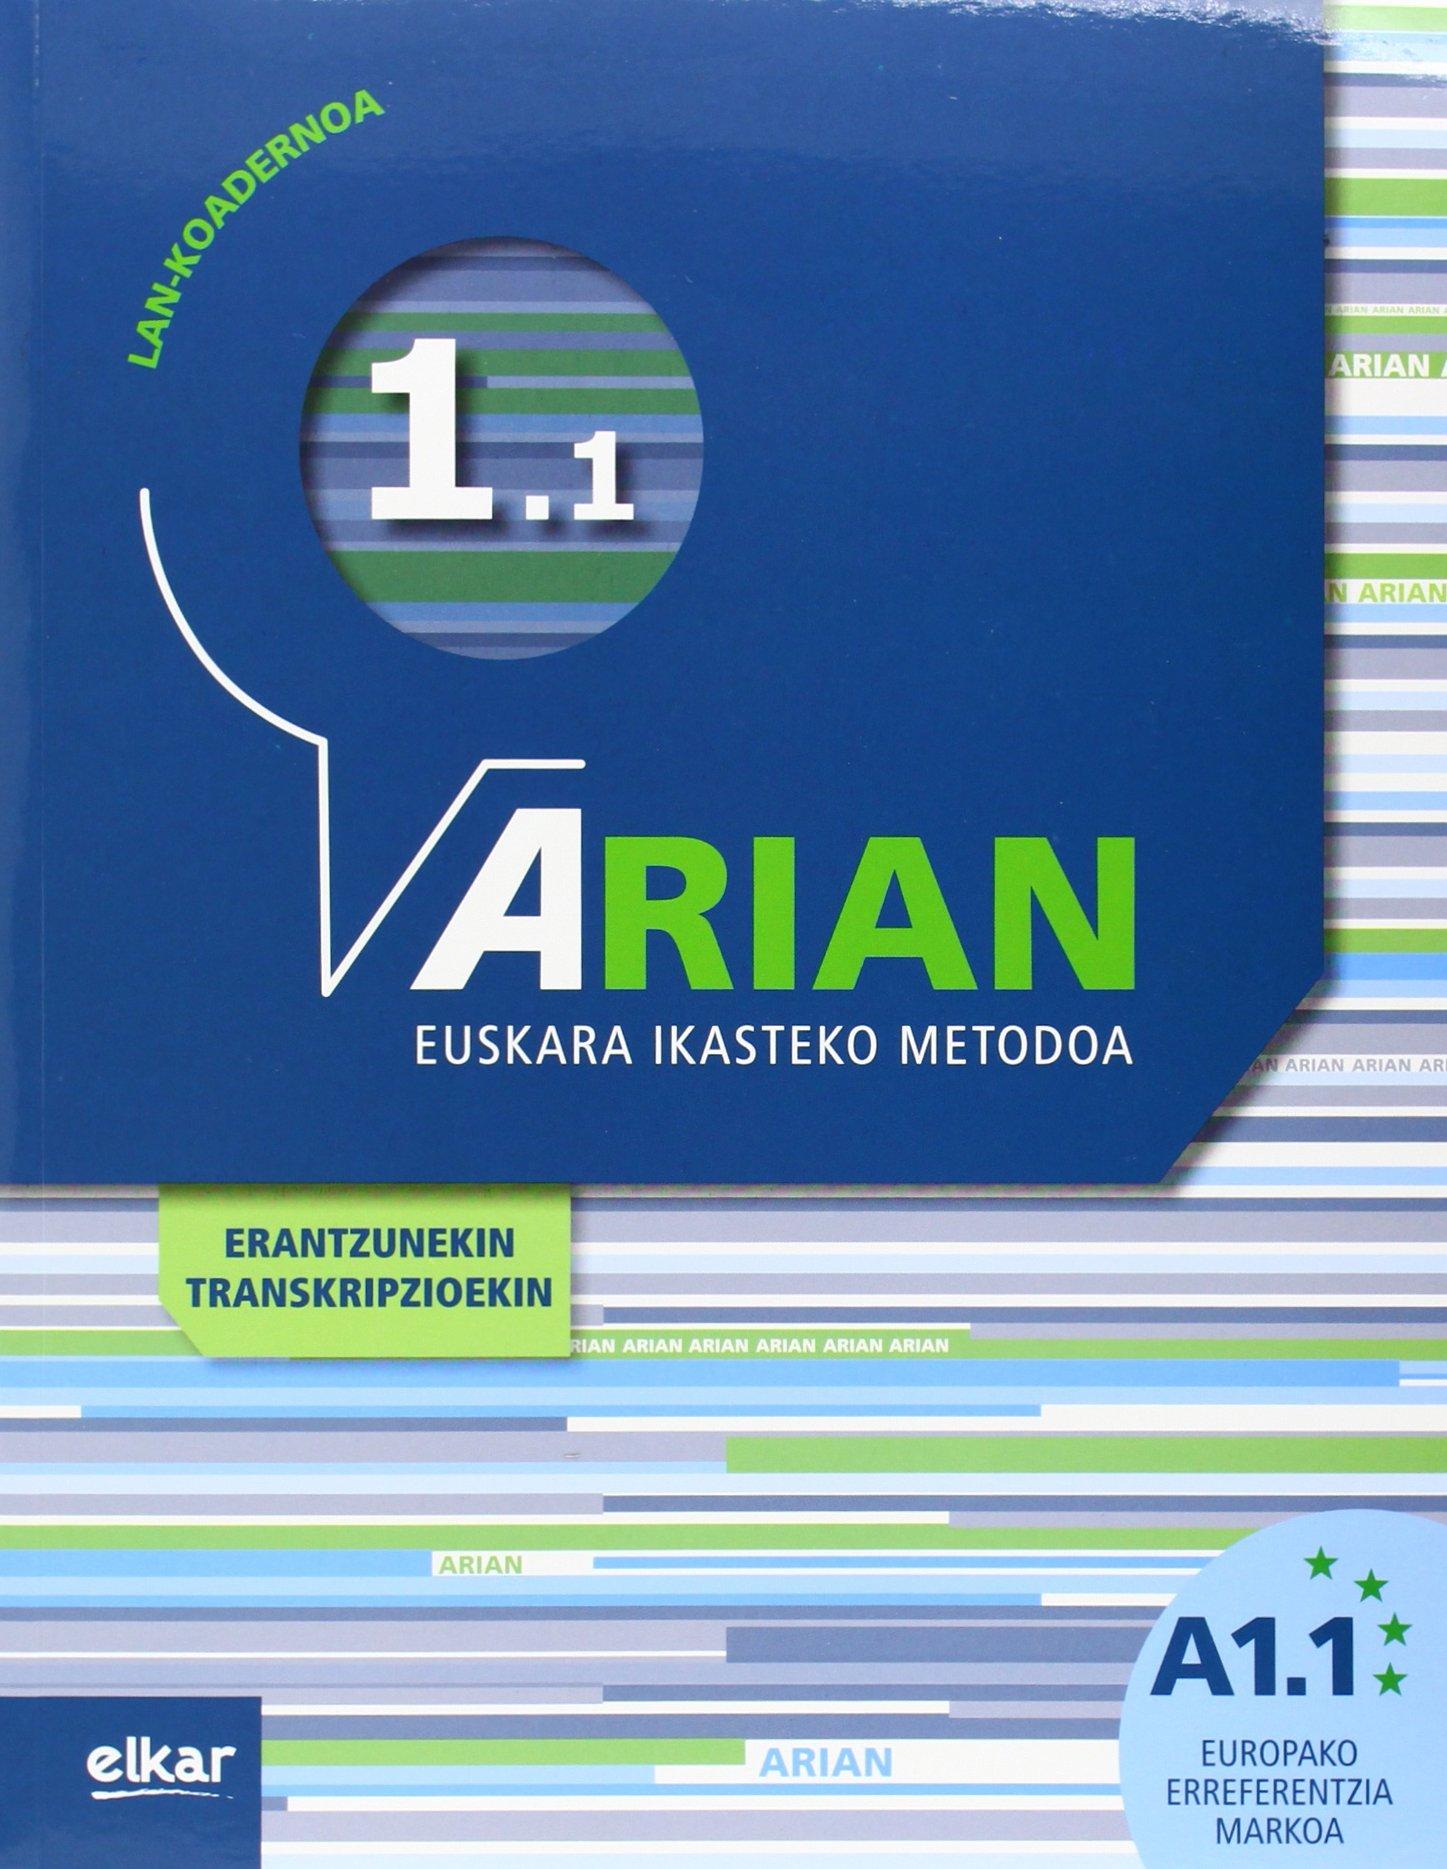 Arian A1.1. Lan-koadernoa: (+erantzunak) (Euskera) Tapa blanda – 11 nov 2013 Batzuen artean Elkarlanean S.L. 8490271321